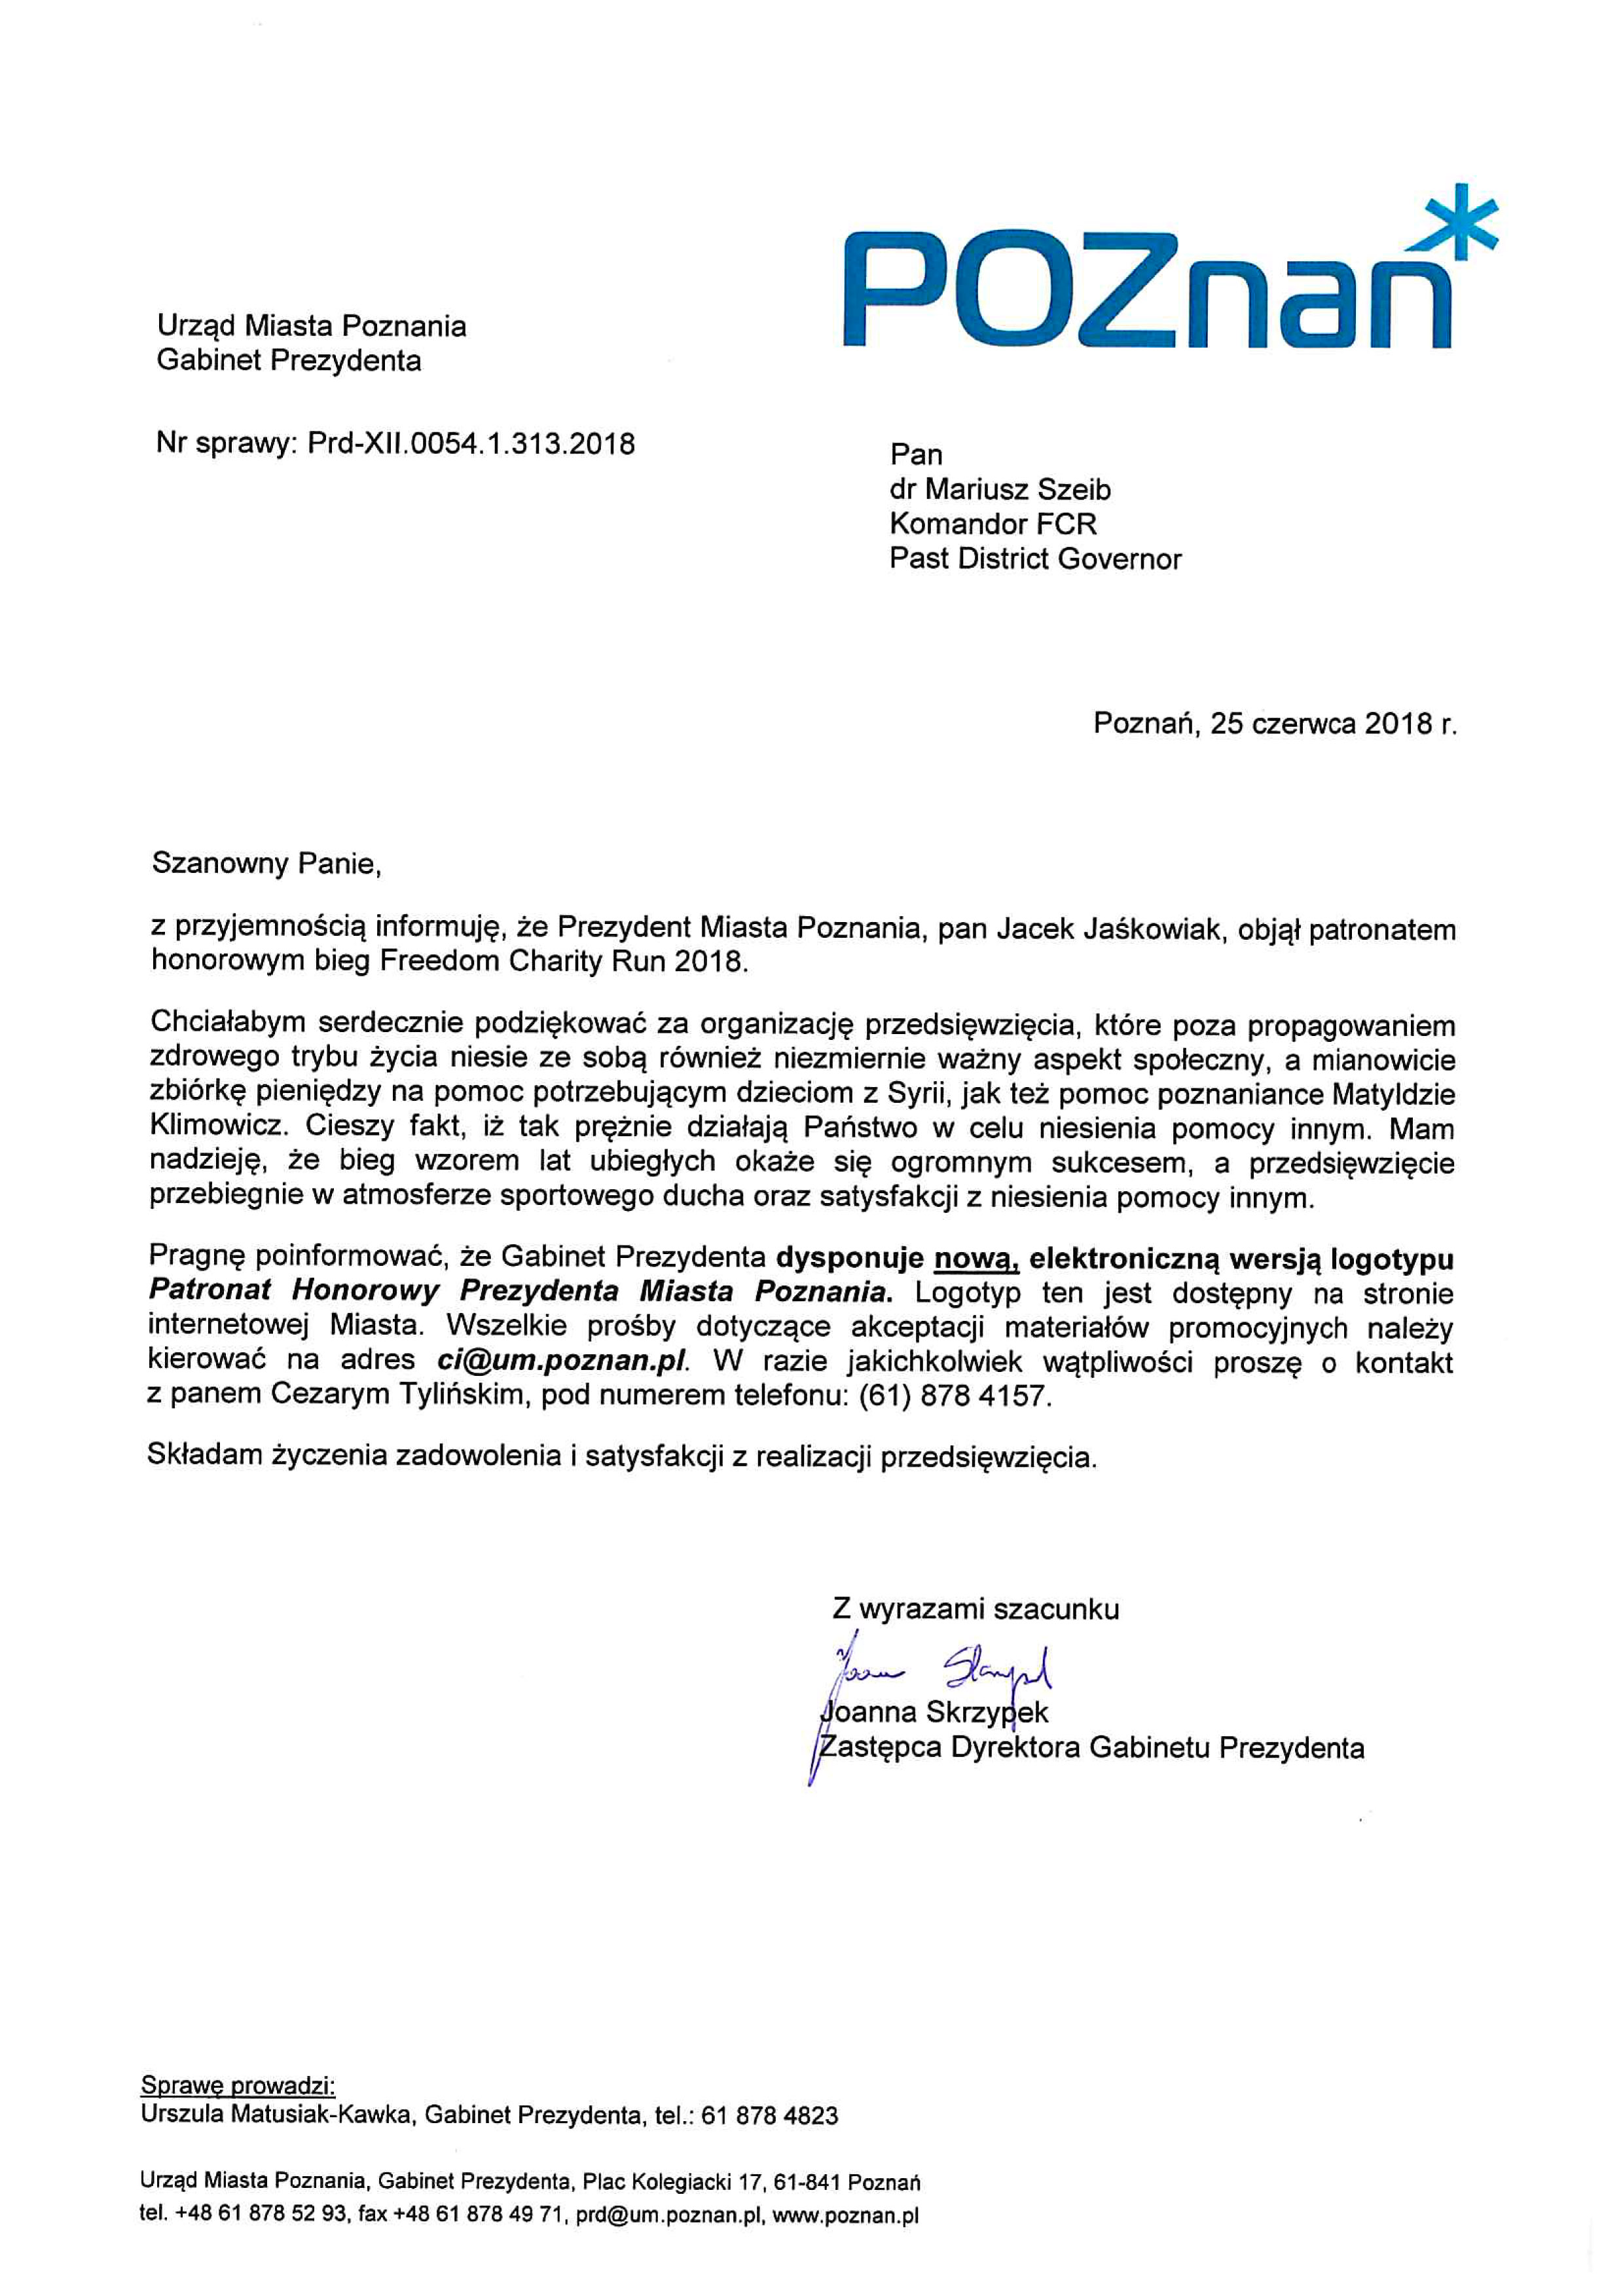 Patronat prezM_poznan